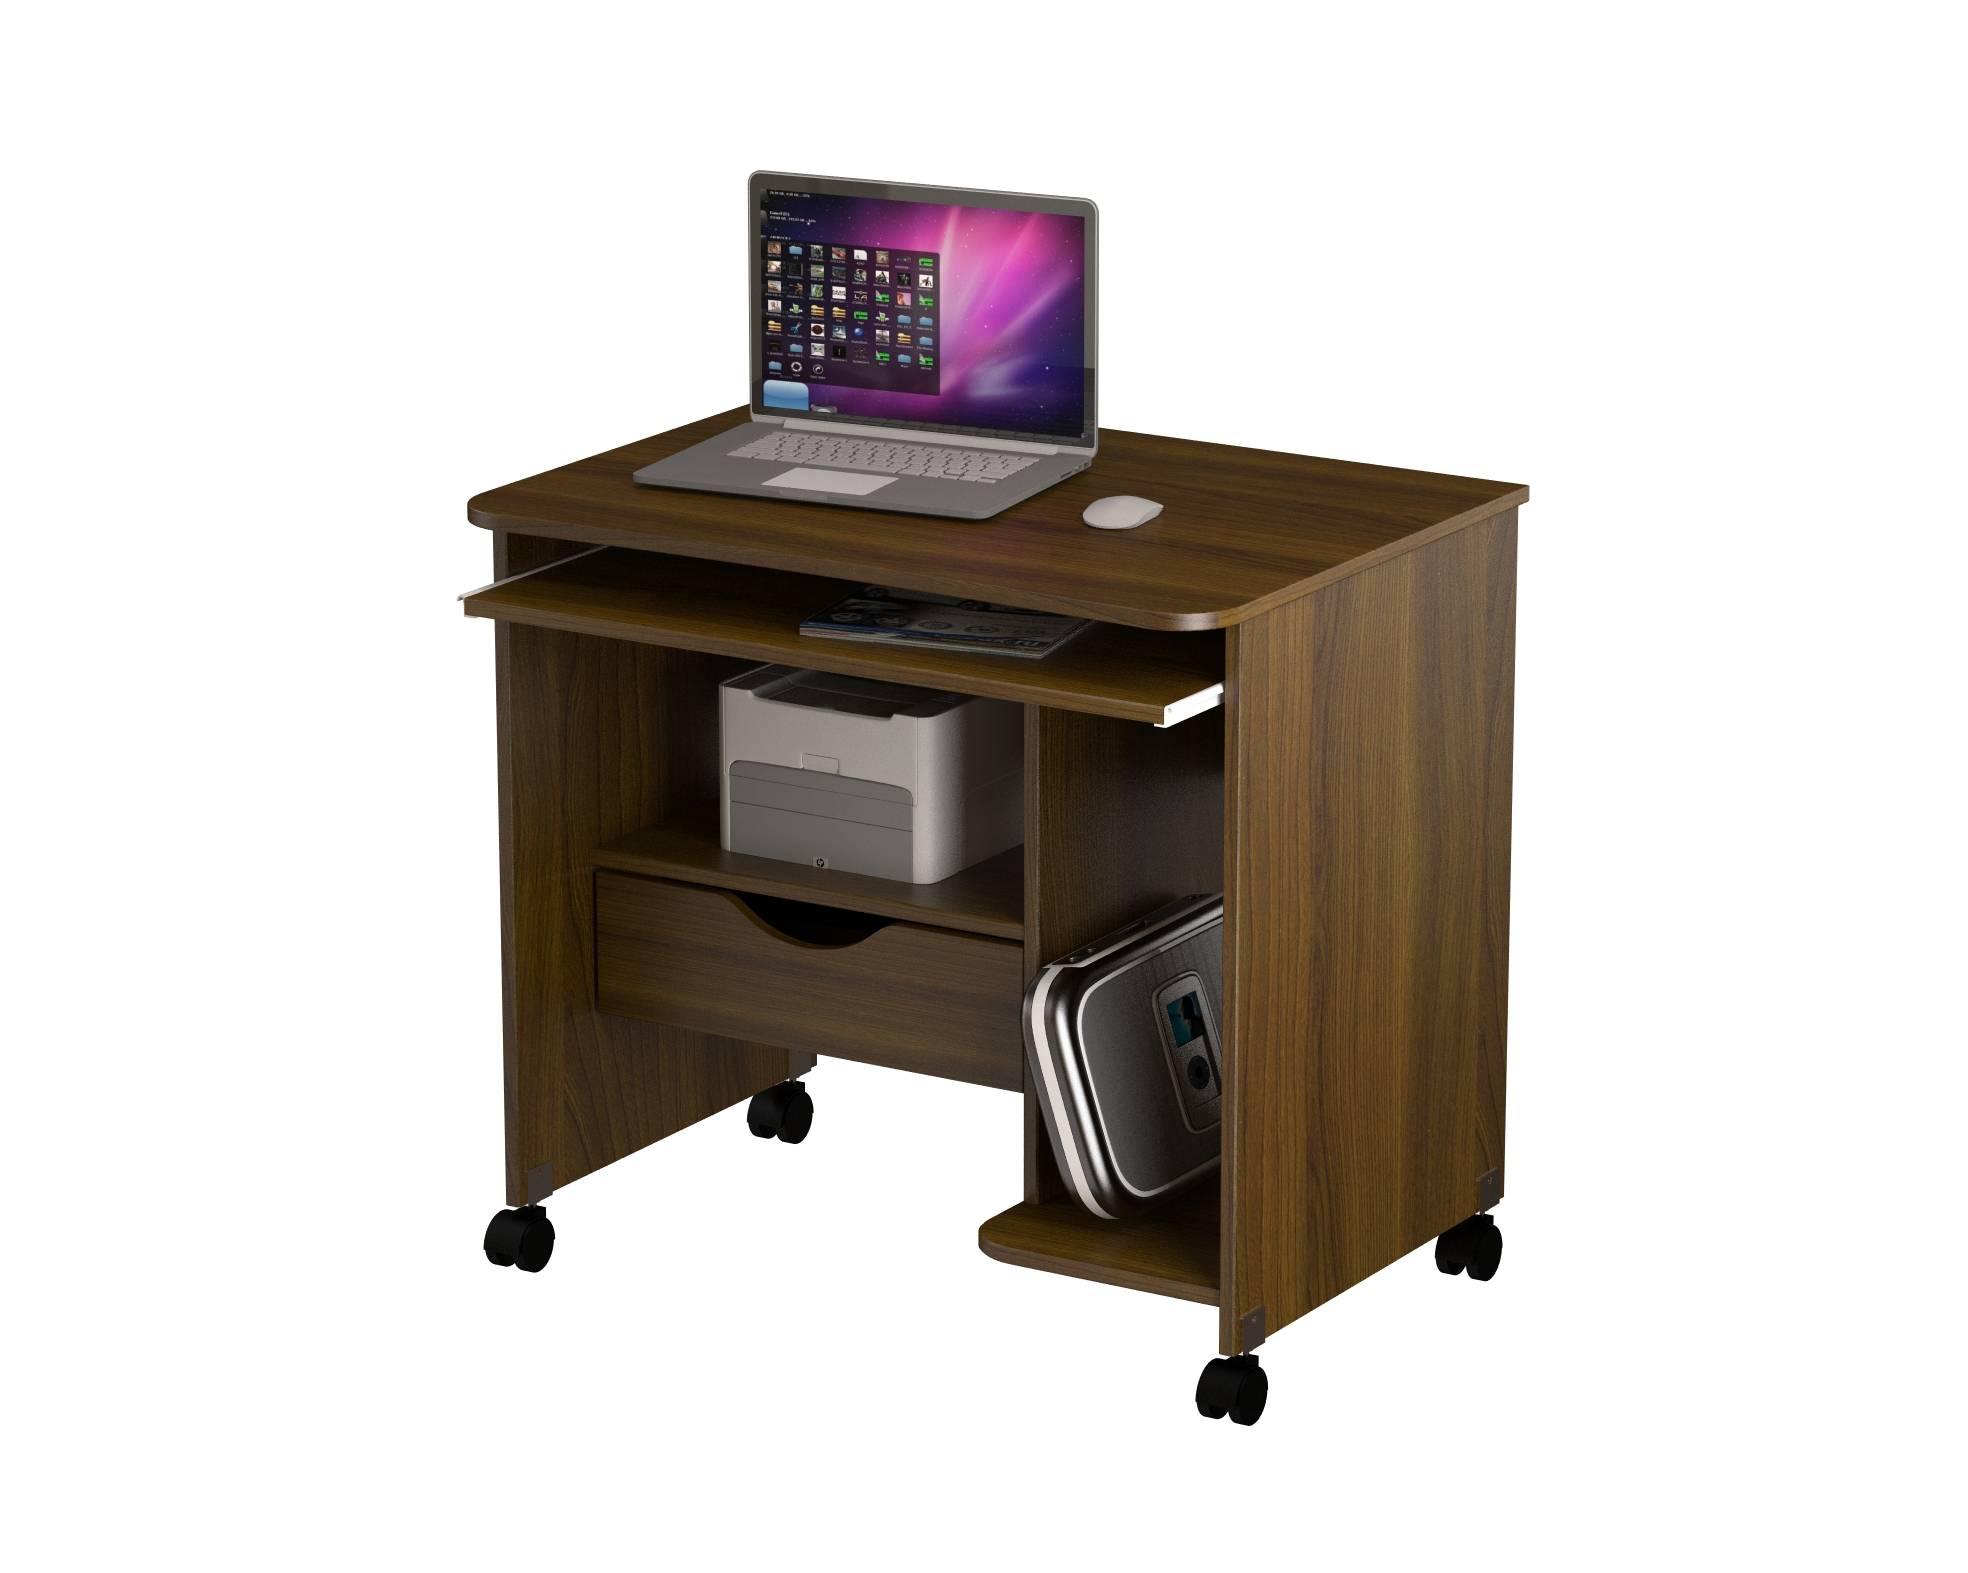 Стол компьютерный кс 20-06 м1 купить недорого в москве цена .